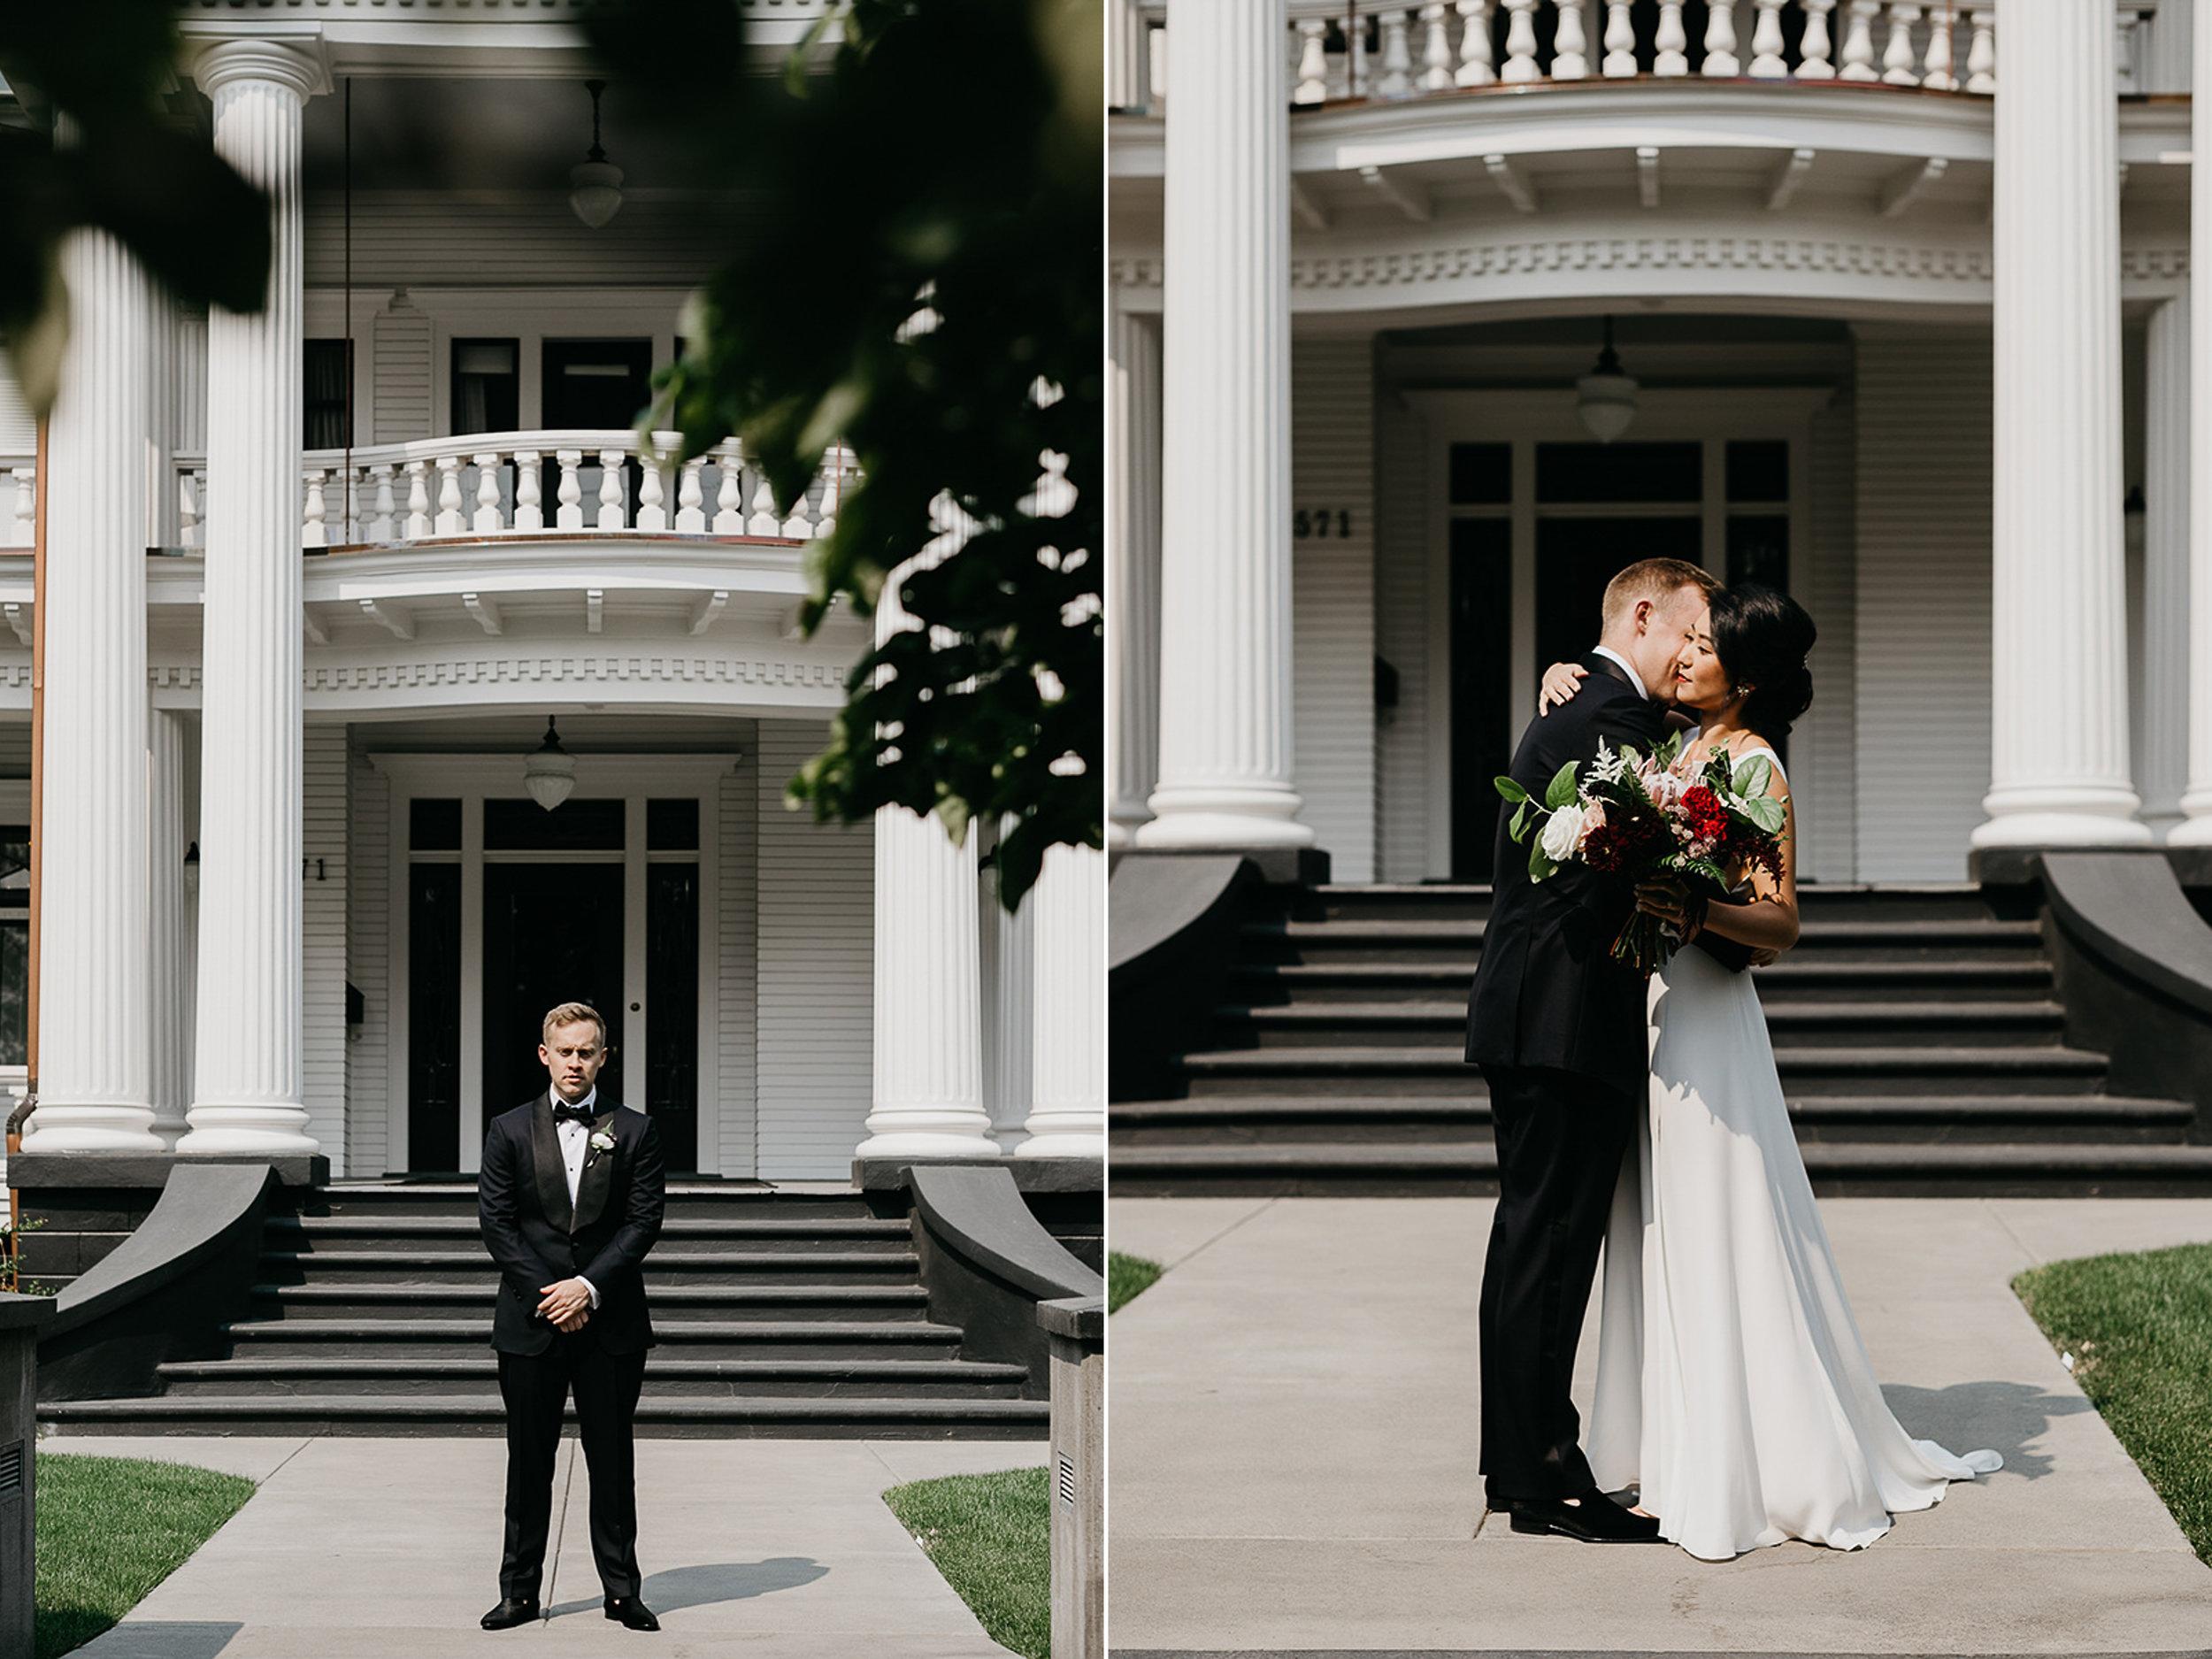 Walla walla - washington - wedding - photographer09.jpg